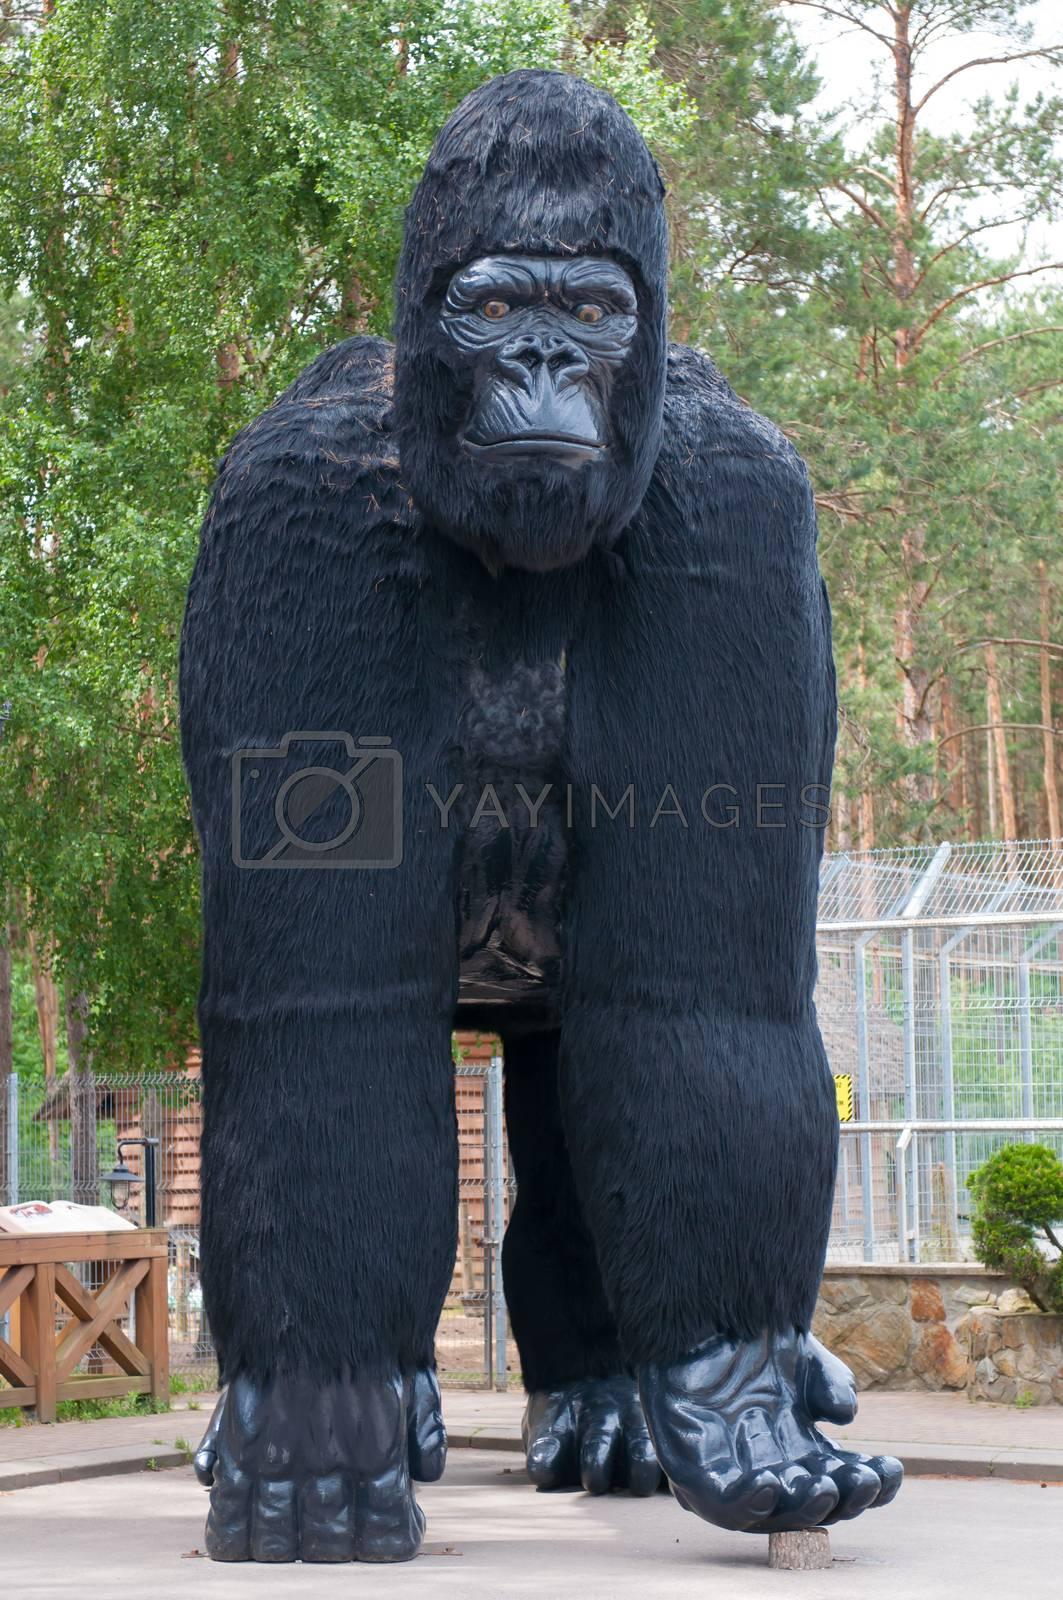 Sculpture big black gorilla around the zoo in Poland.